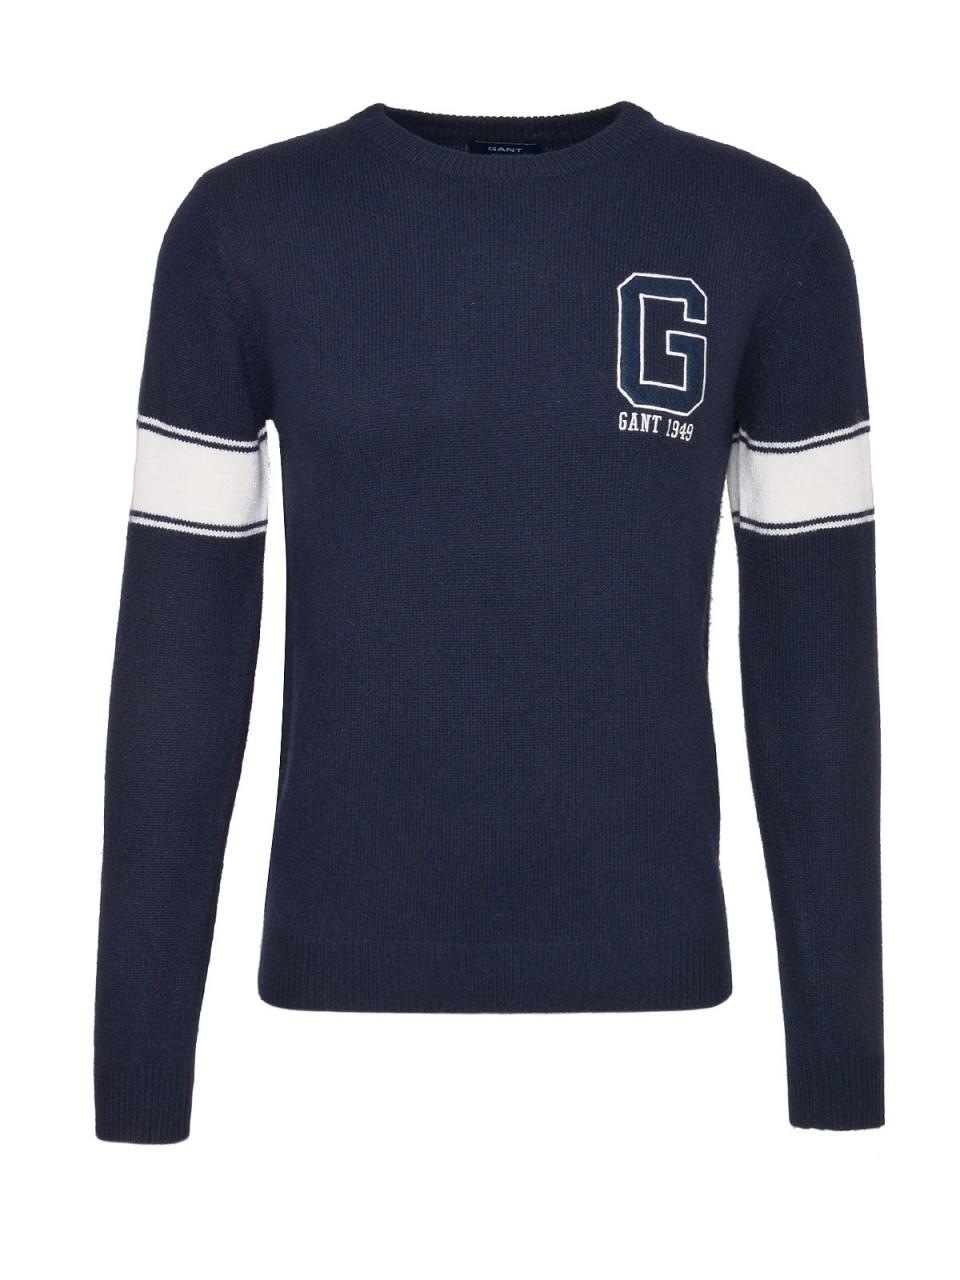 GANT Herren Pullover Chest G Wool, navy